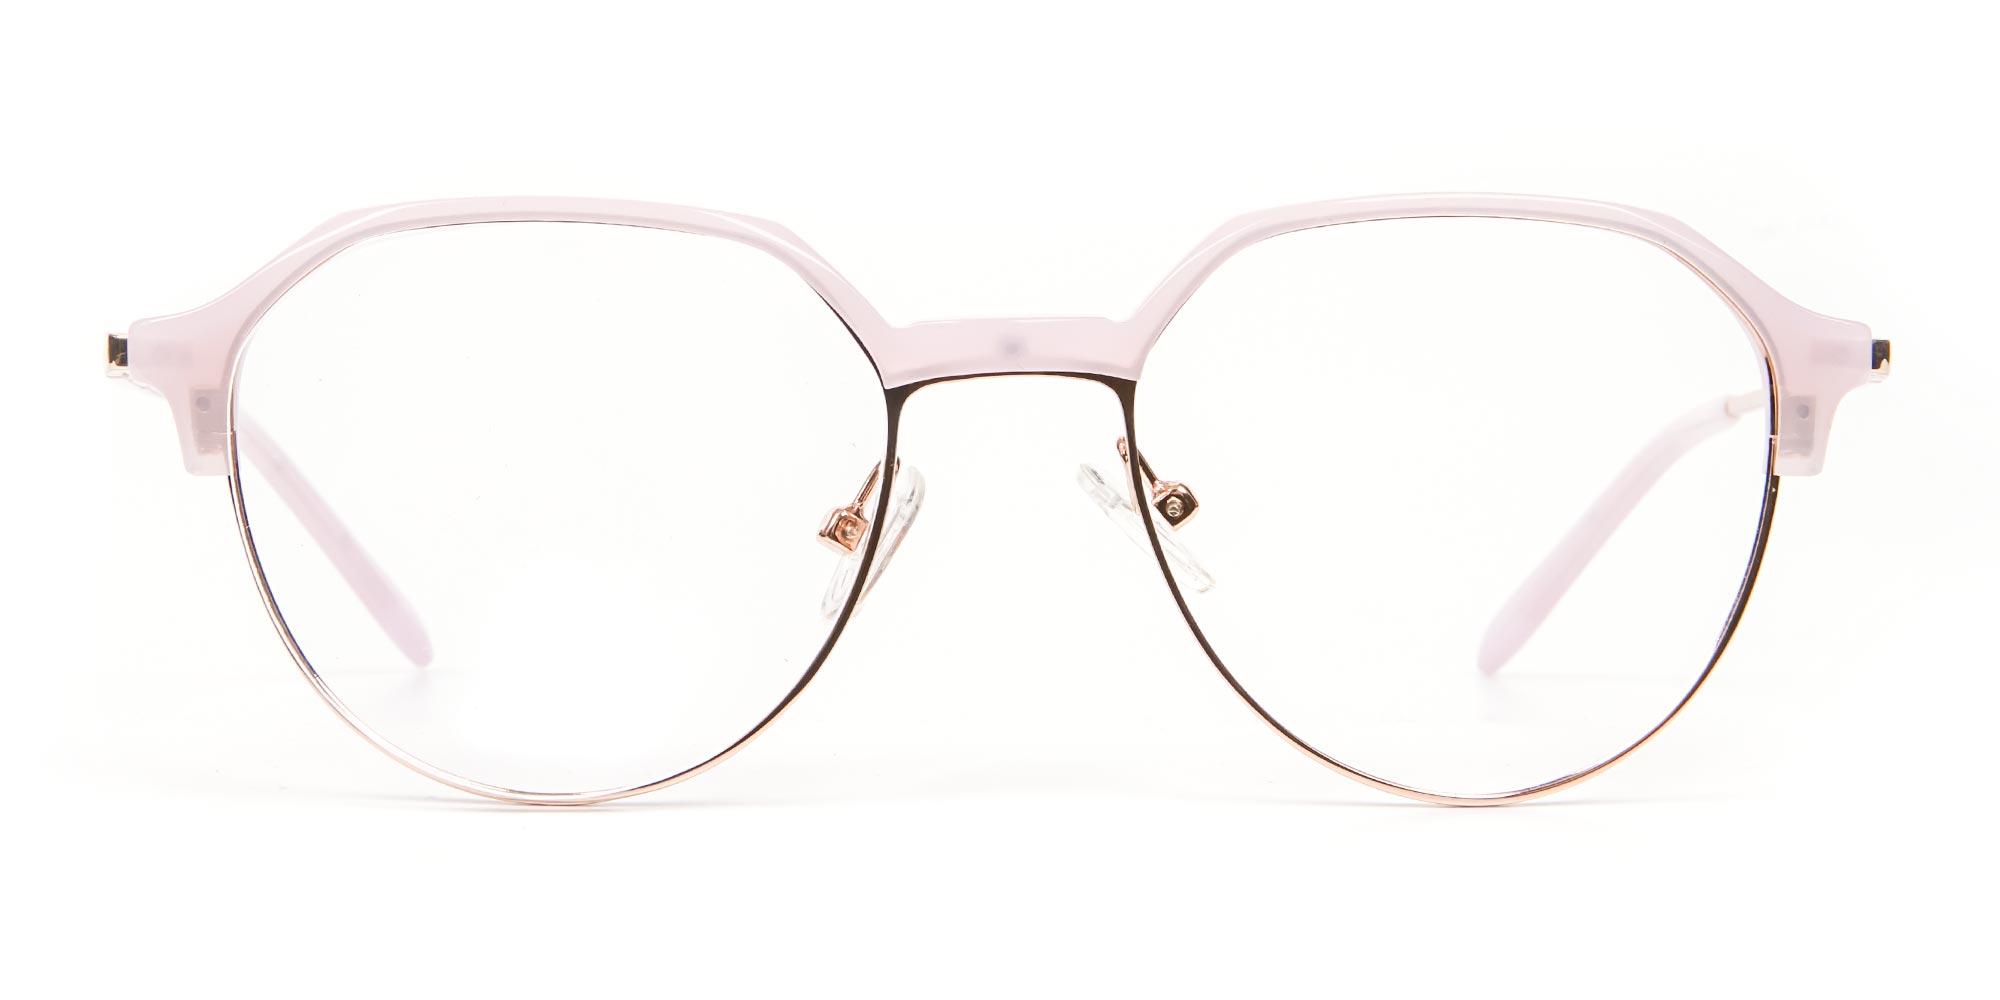 Macaron Rose Gold Hexagonal Glasses Frame